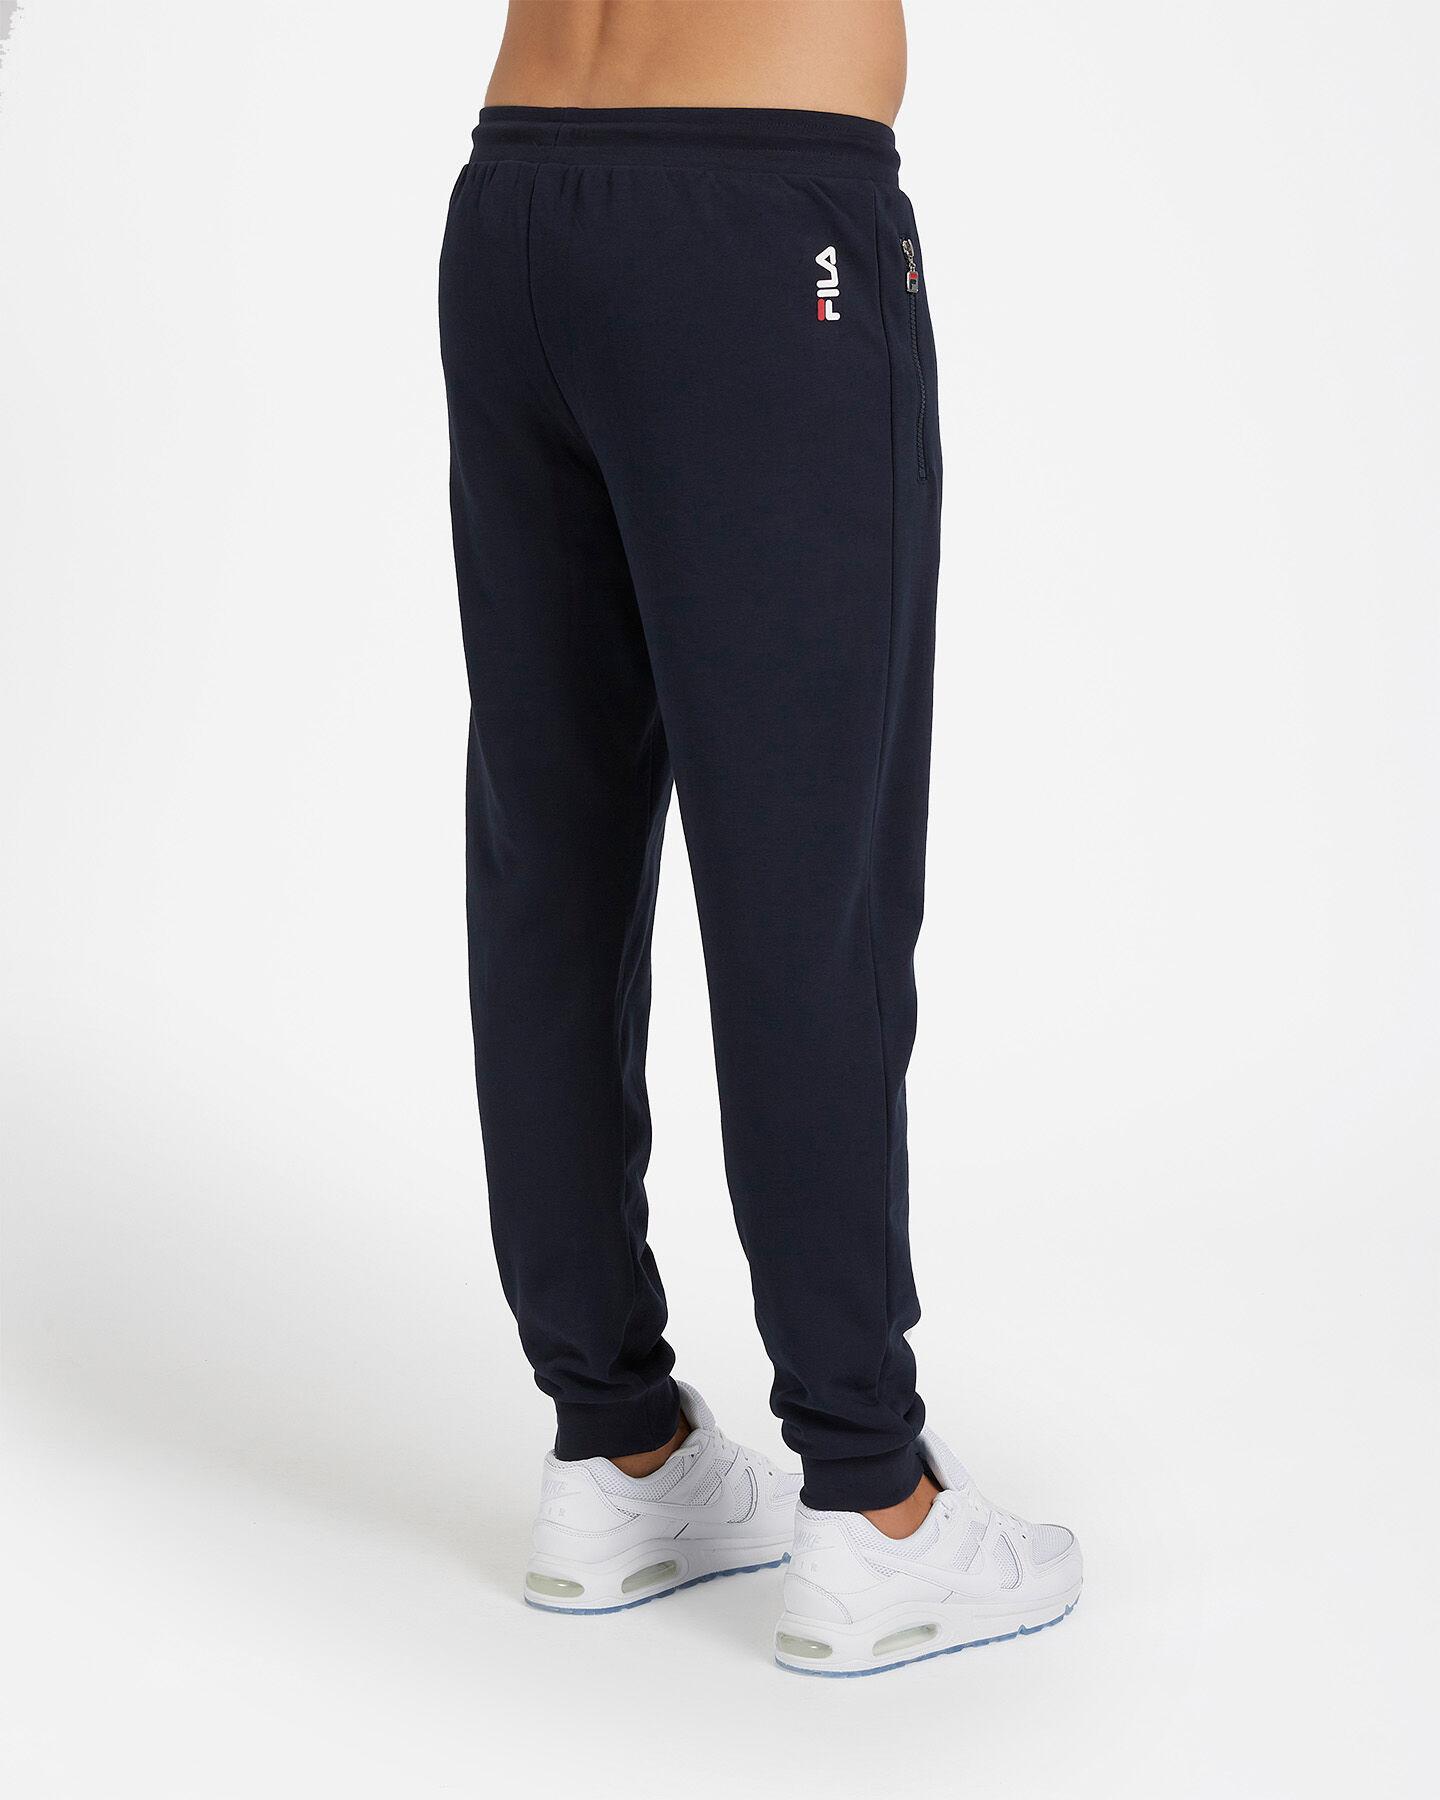 Pantalone FILA FNG C POLS M S4034288 scatto 1